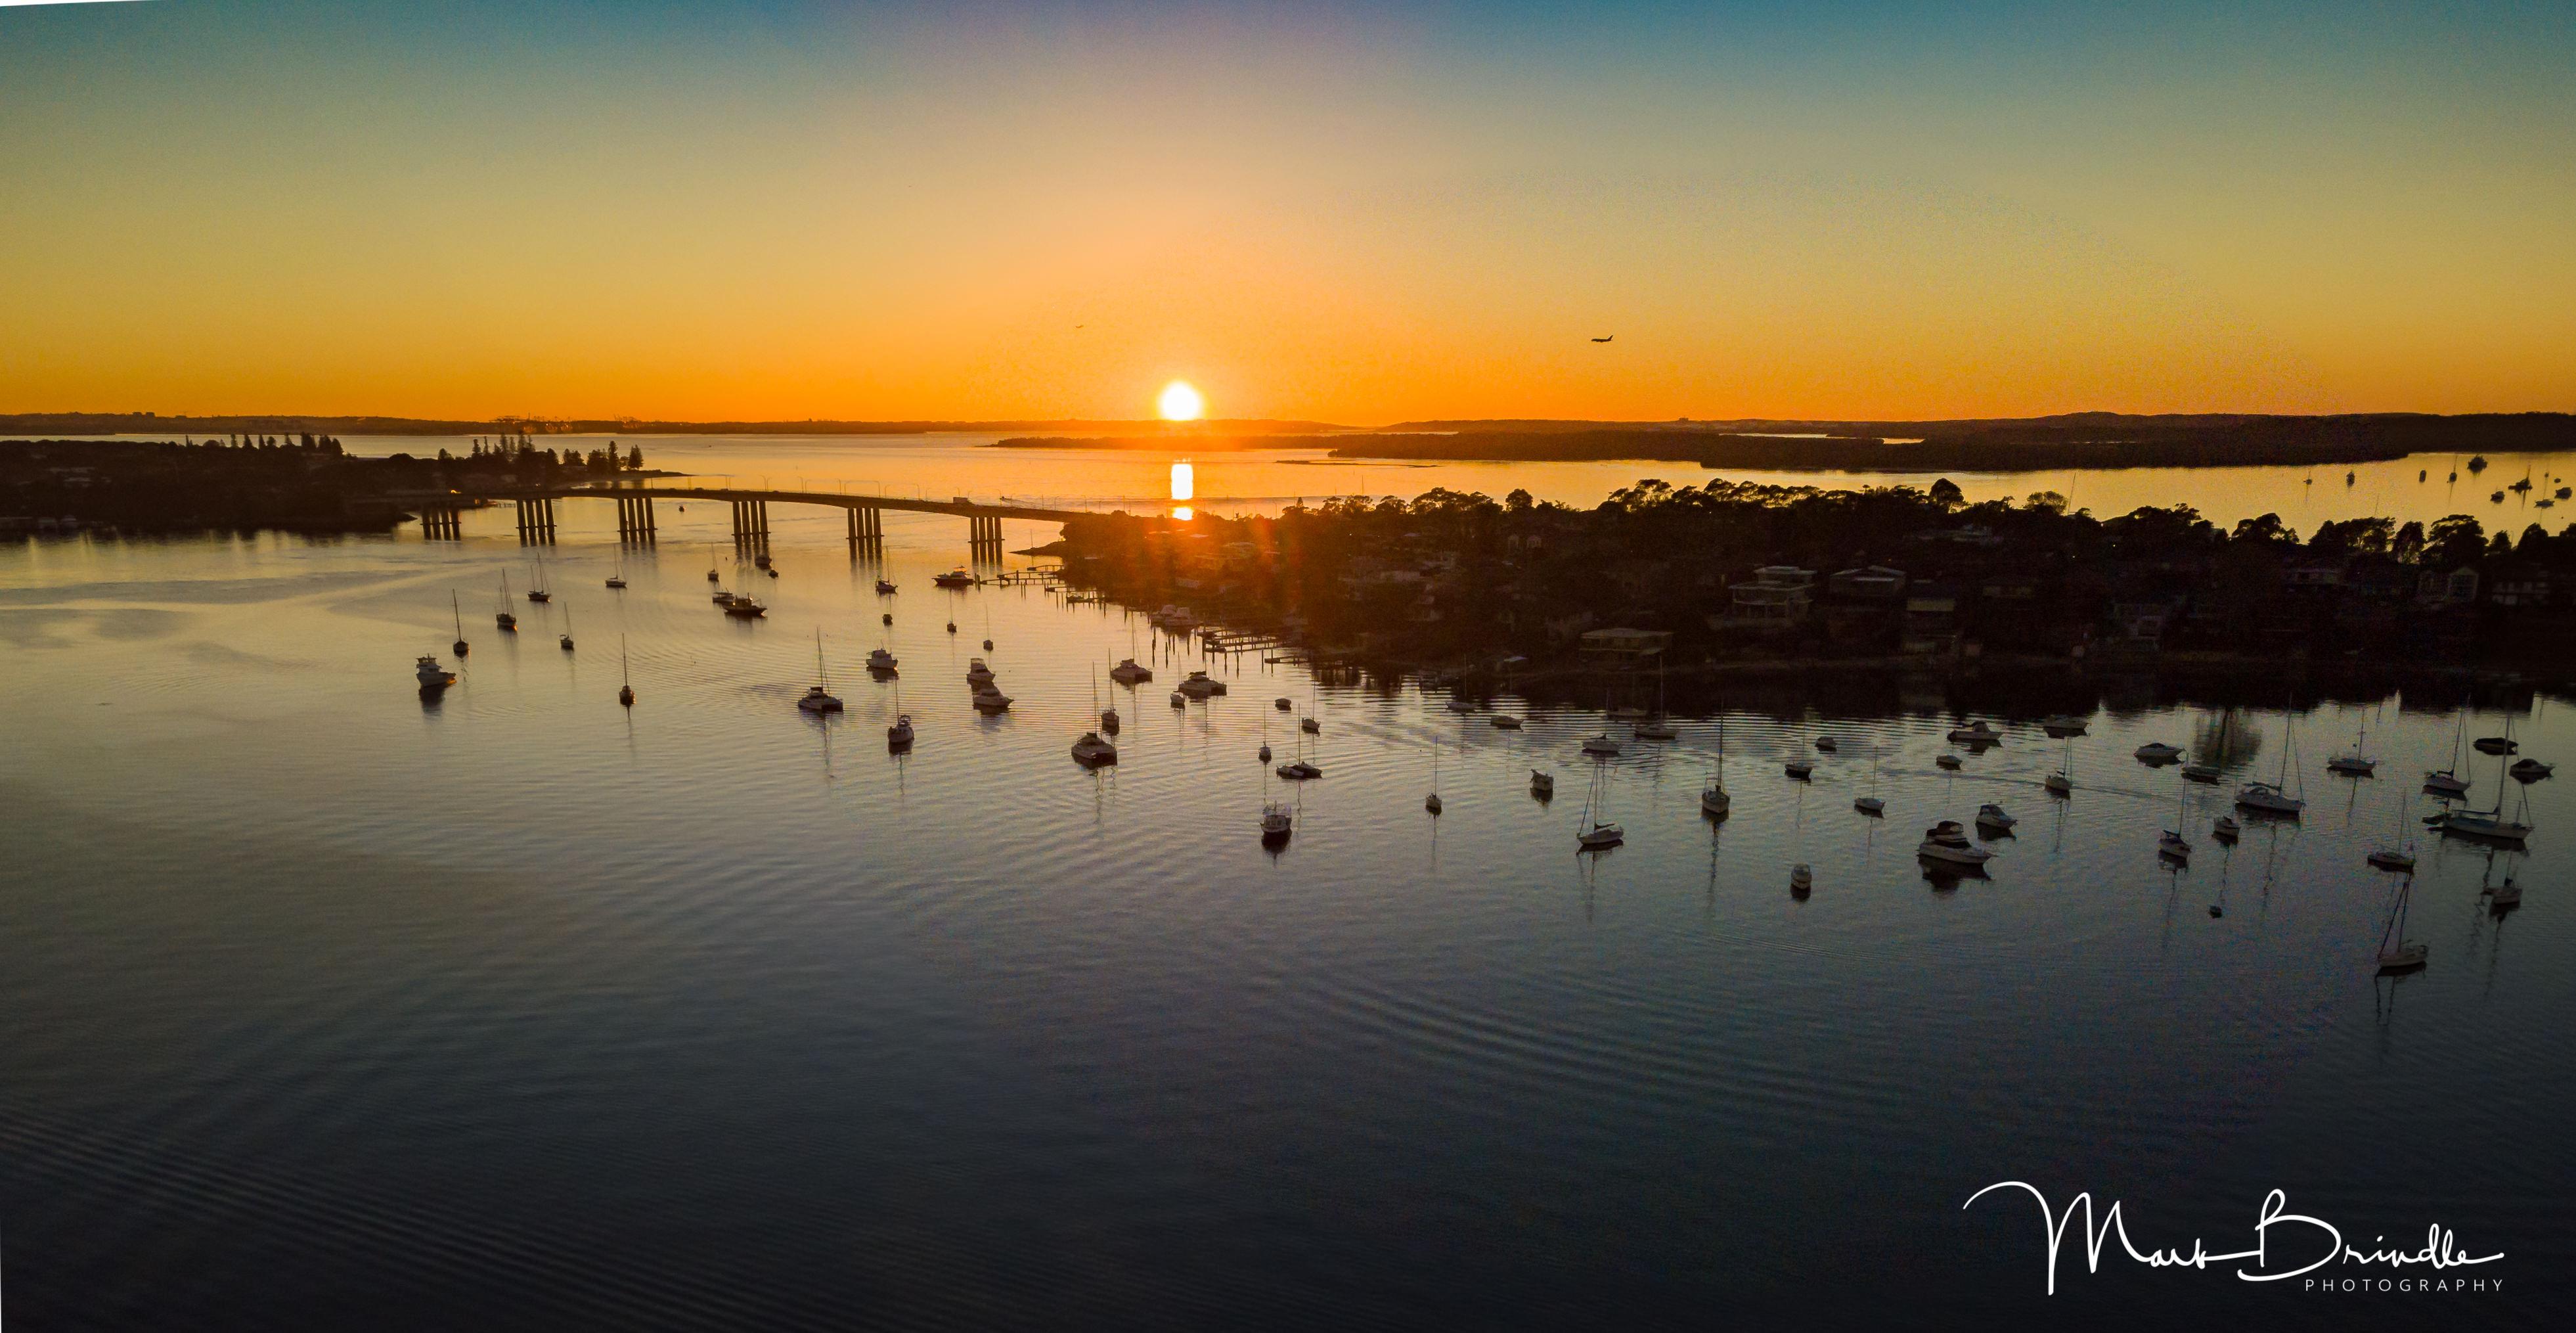 Sunrise over Captain Cook Bridge, NSW. Australia